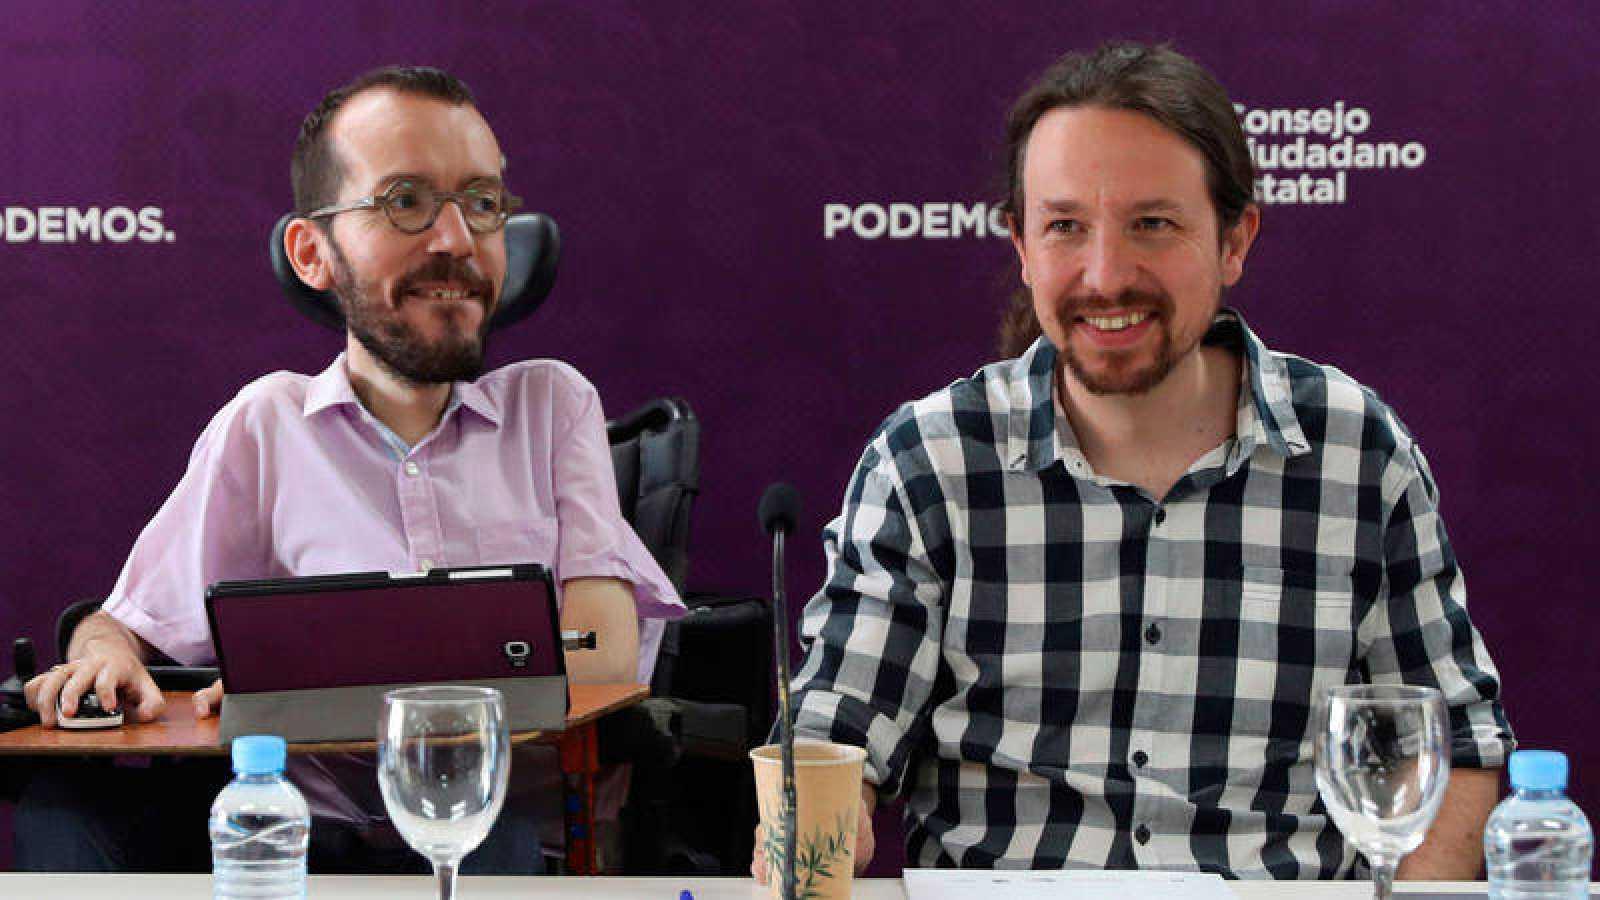 El secretario general de Podemos, Pablo Iglesias, junto al secretario de organización del partido, Pablo Echenique, durante el Consejo Ciudadano Estatal del partido.